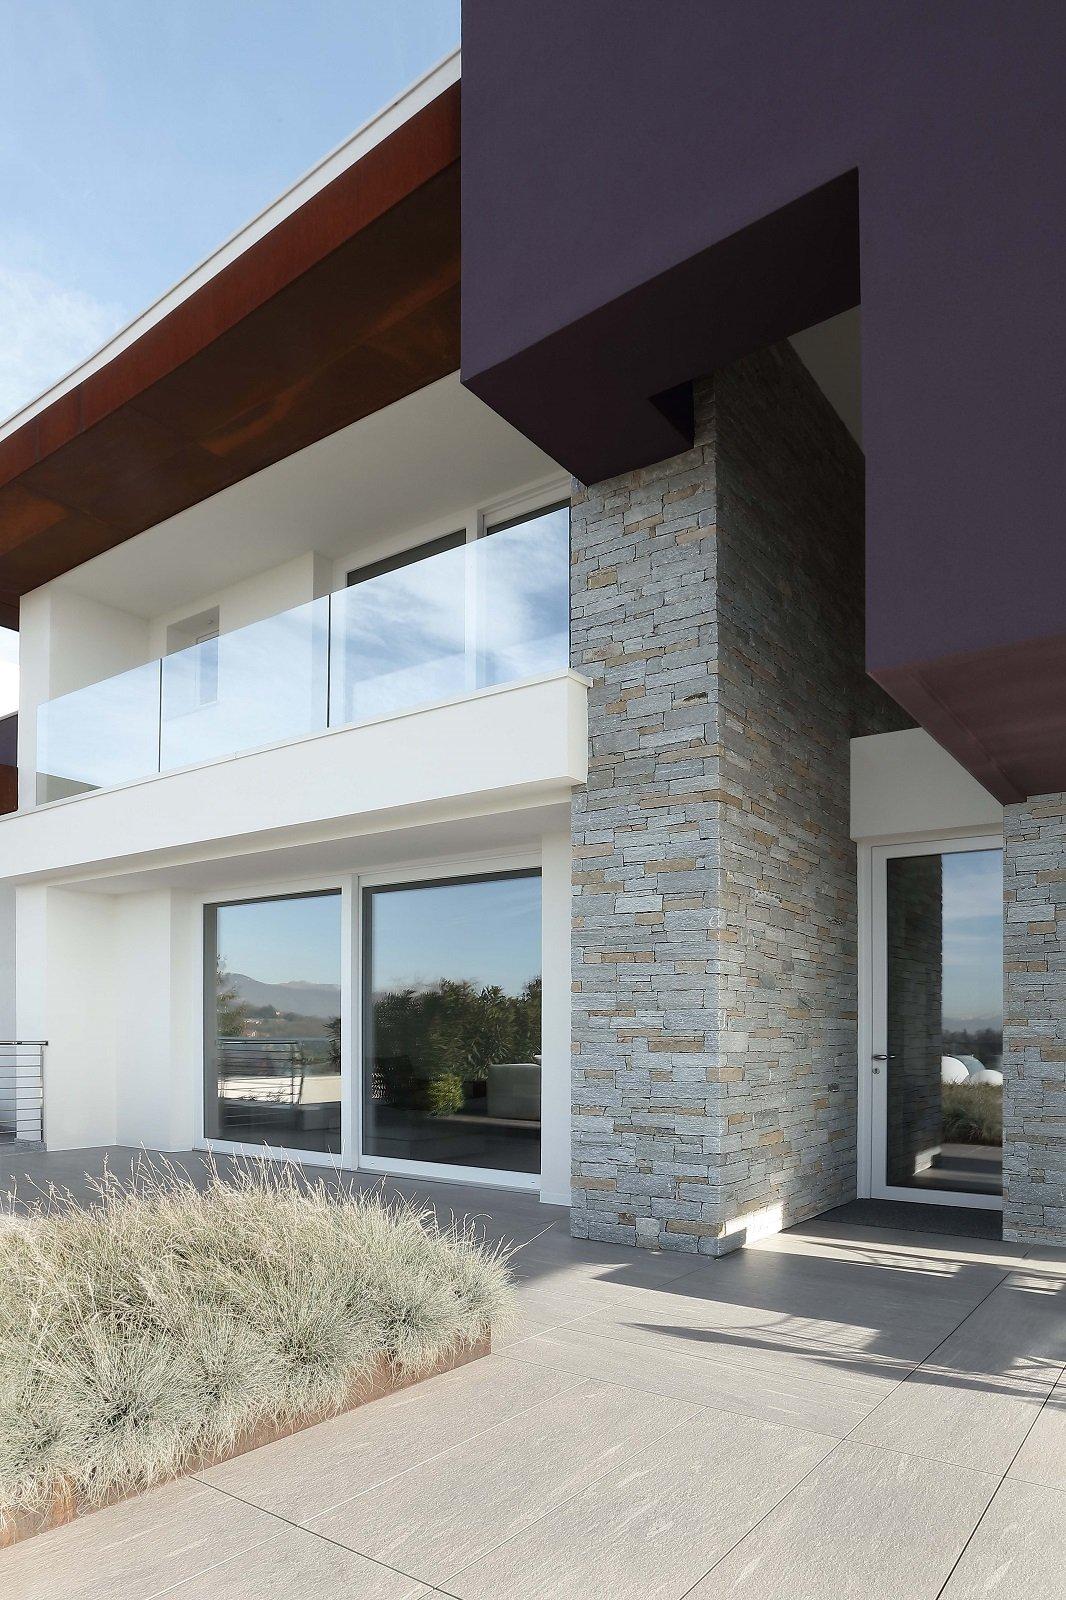 9 erco ecoclima finestre cose di casa - Erco finestre ...